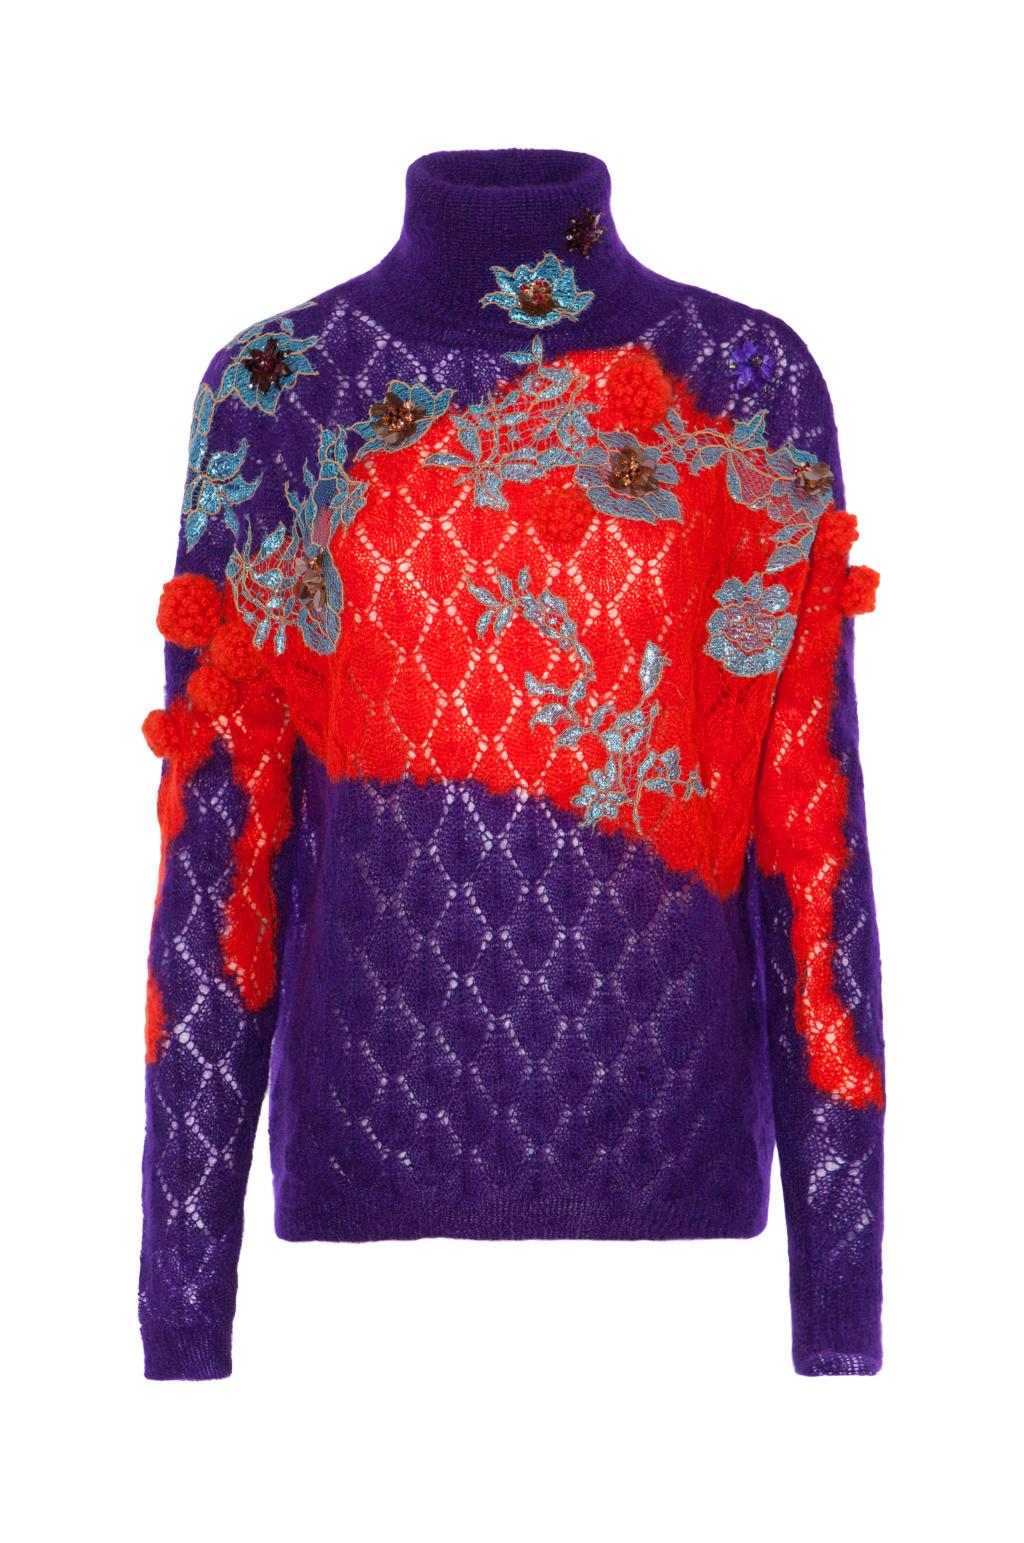 Модный разноцветный свитер тренд сезона из коллекции Delpozo.